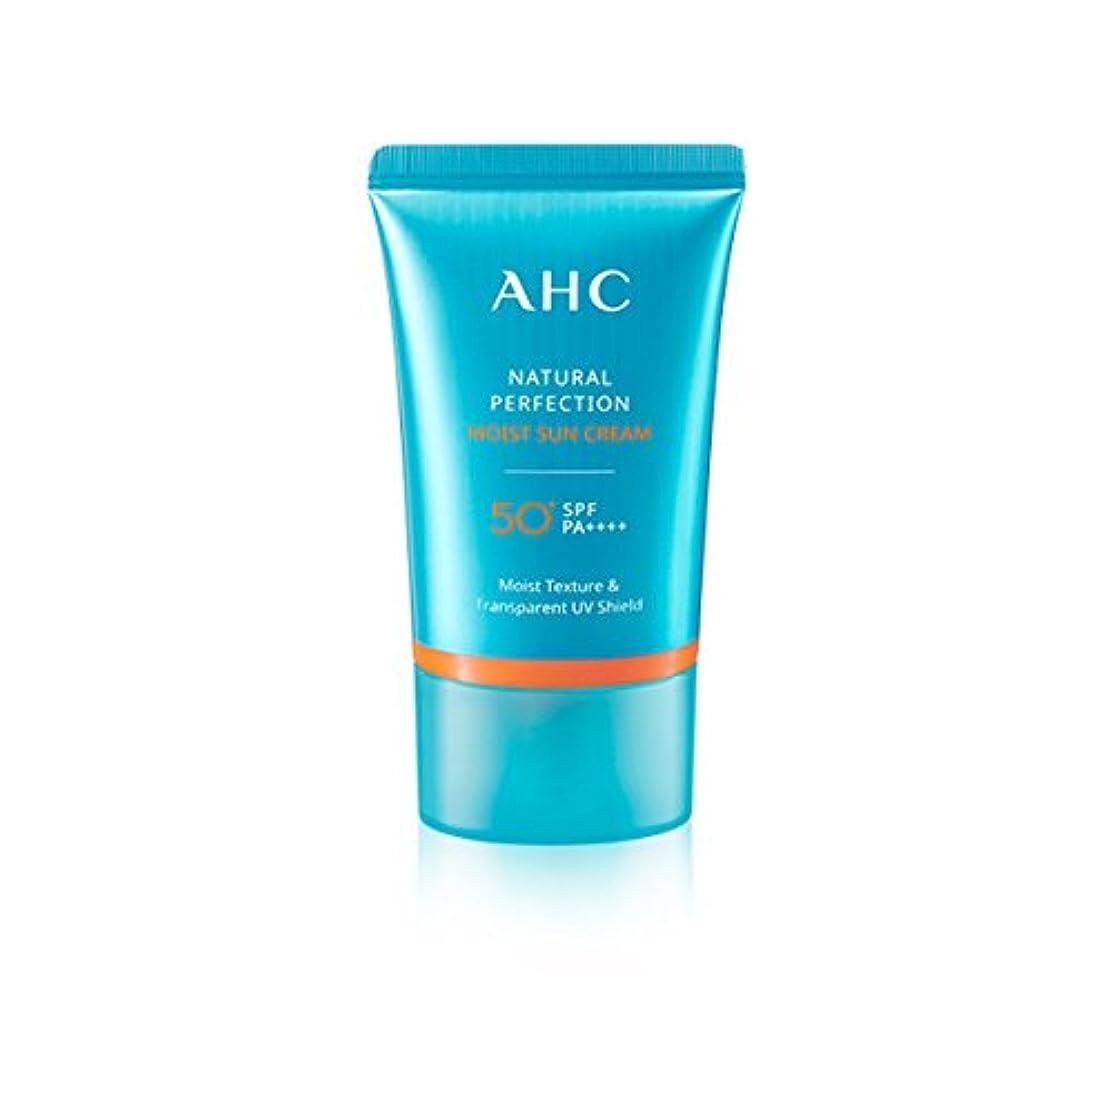 気怠い推進力欠陥AHC Natural Perfection Moist Sun Cream 50ml/AHC ナチュラル パーフェクション モイスト サン クリーム 50ml [並行輸入品]